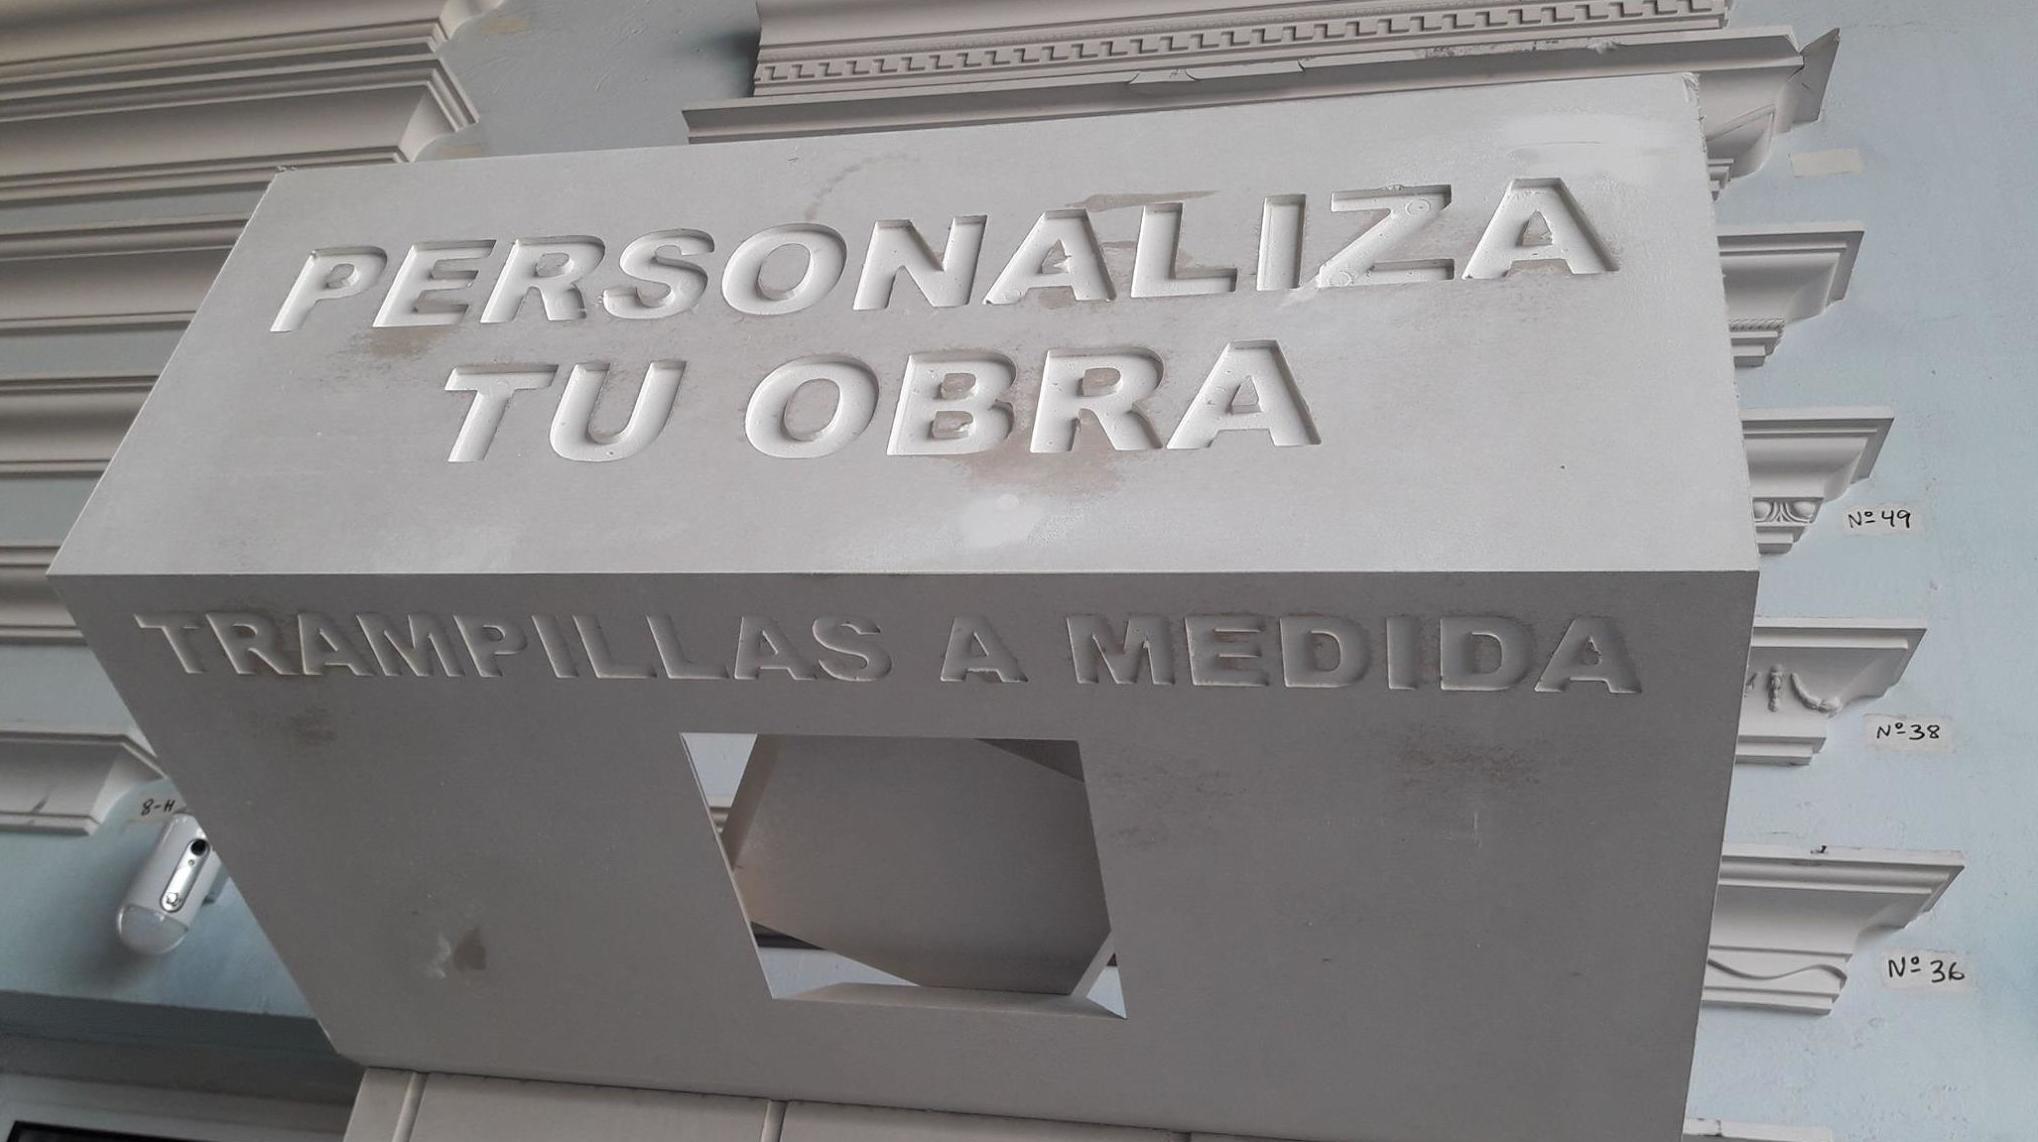 Oquendo y Zapata, personaliza tu obra